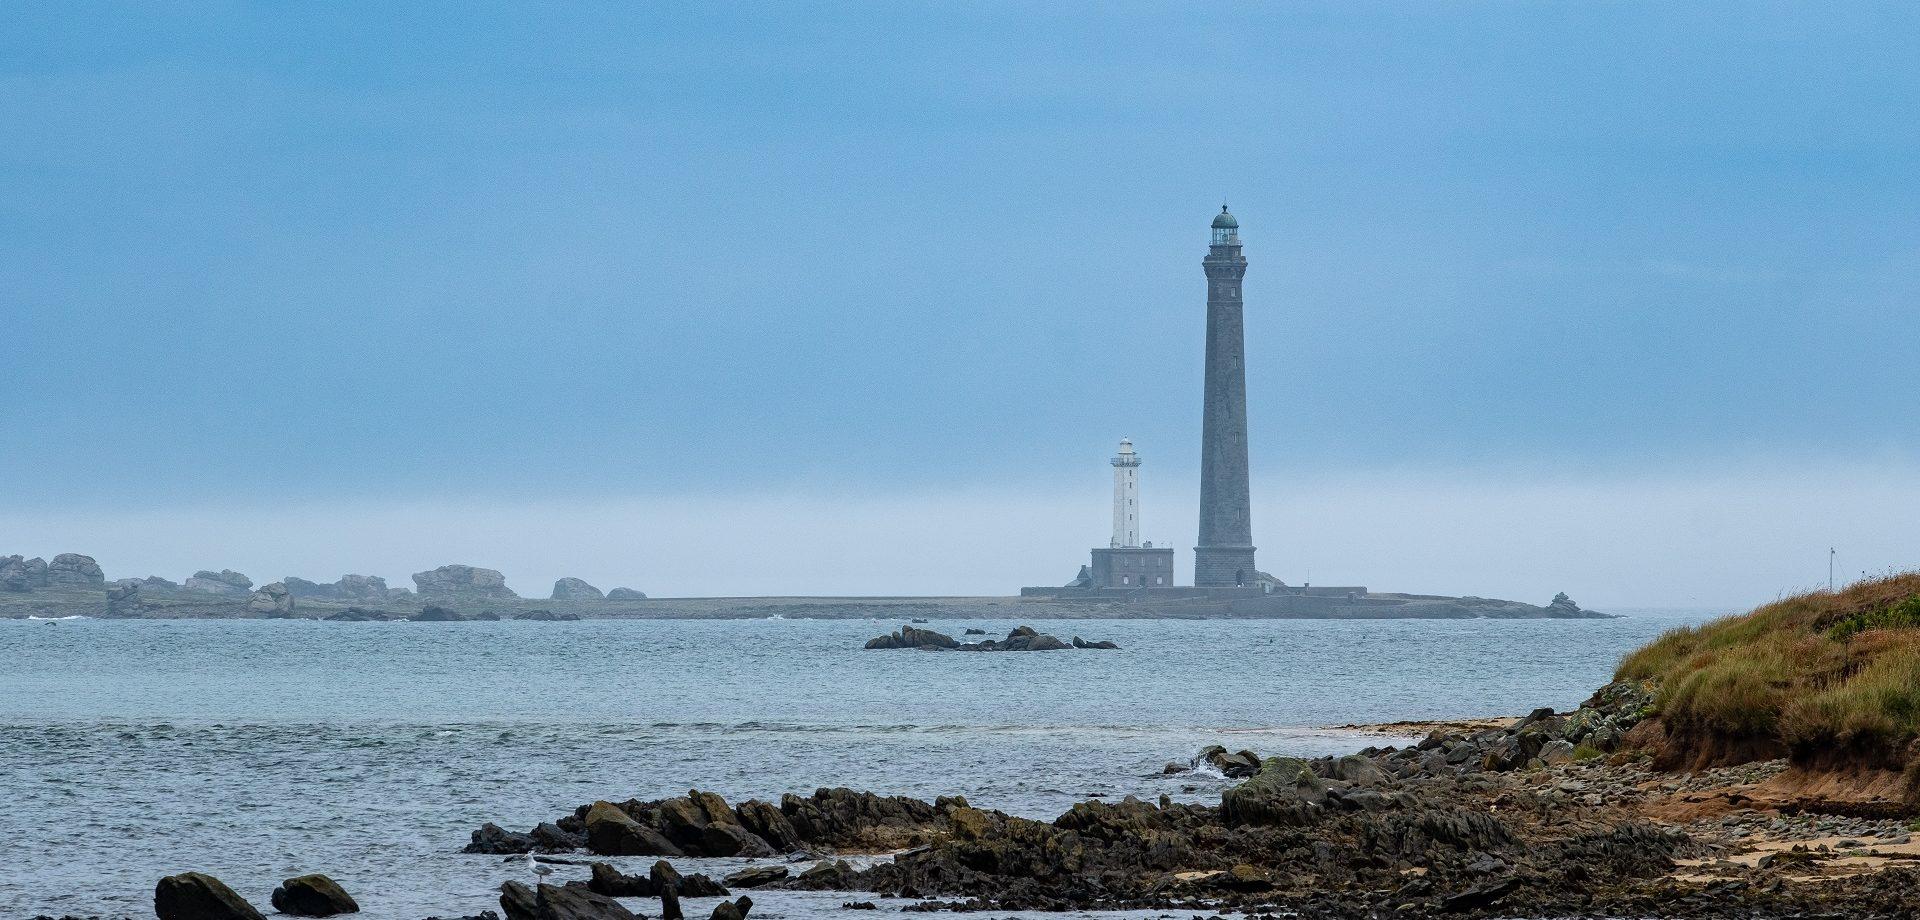 Phare de l'île Vierge à Plouguerneau ©ROHART Grégory